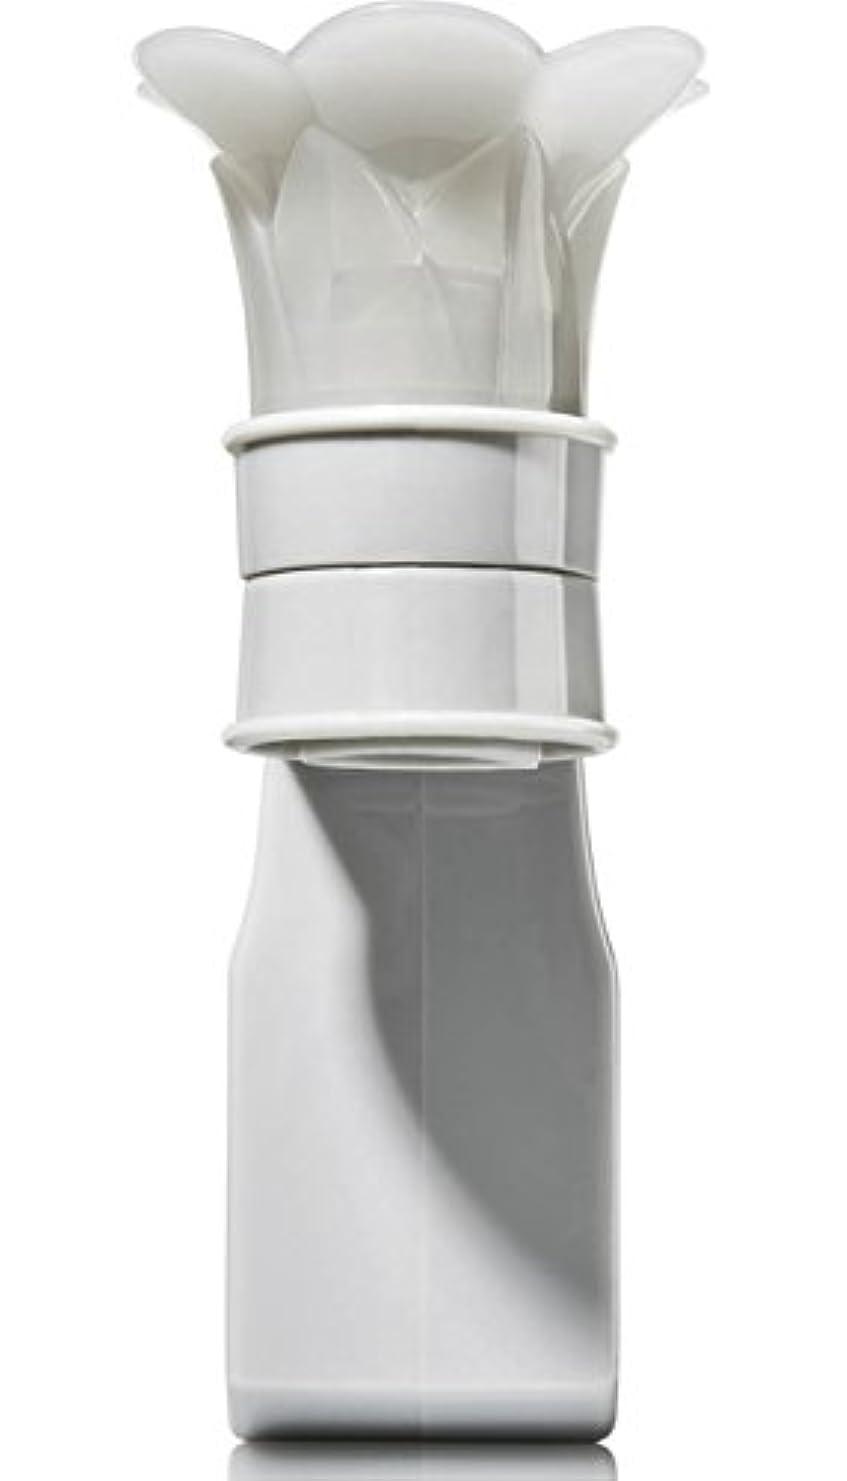 船酔い取り組む歯痛バス&ボディワークス Bath & Body Works グレーフラワートップ ルームフレグランス プラグインスターター (本体のみ) プラグイン芳香剤 [並行輸入品]